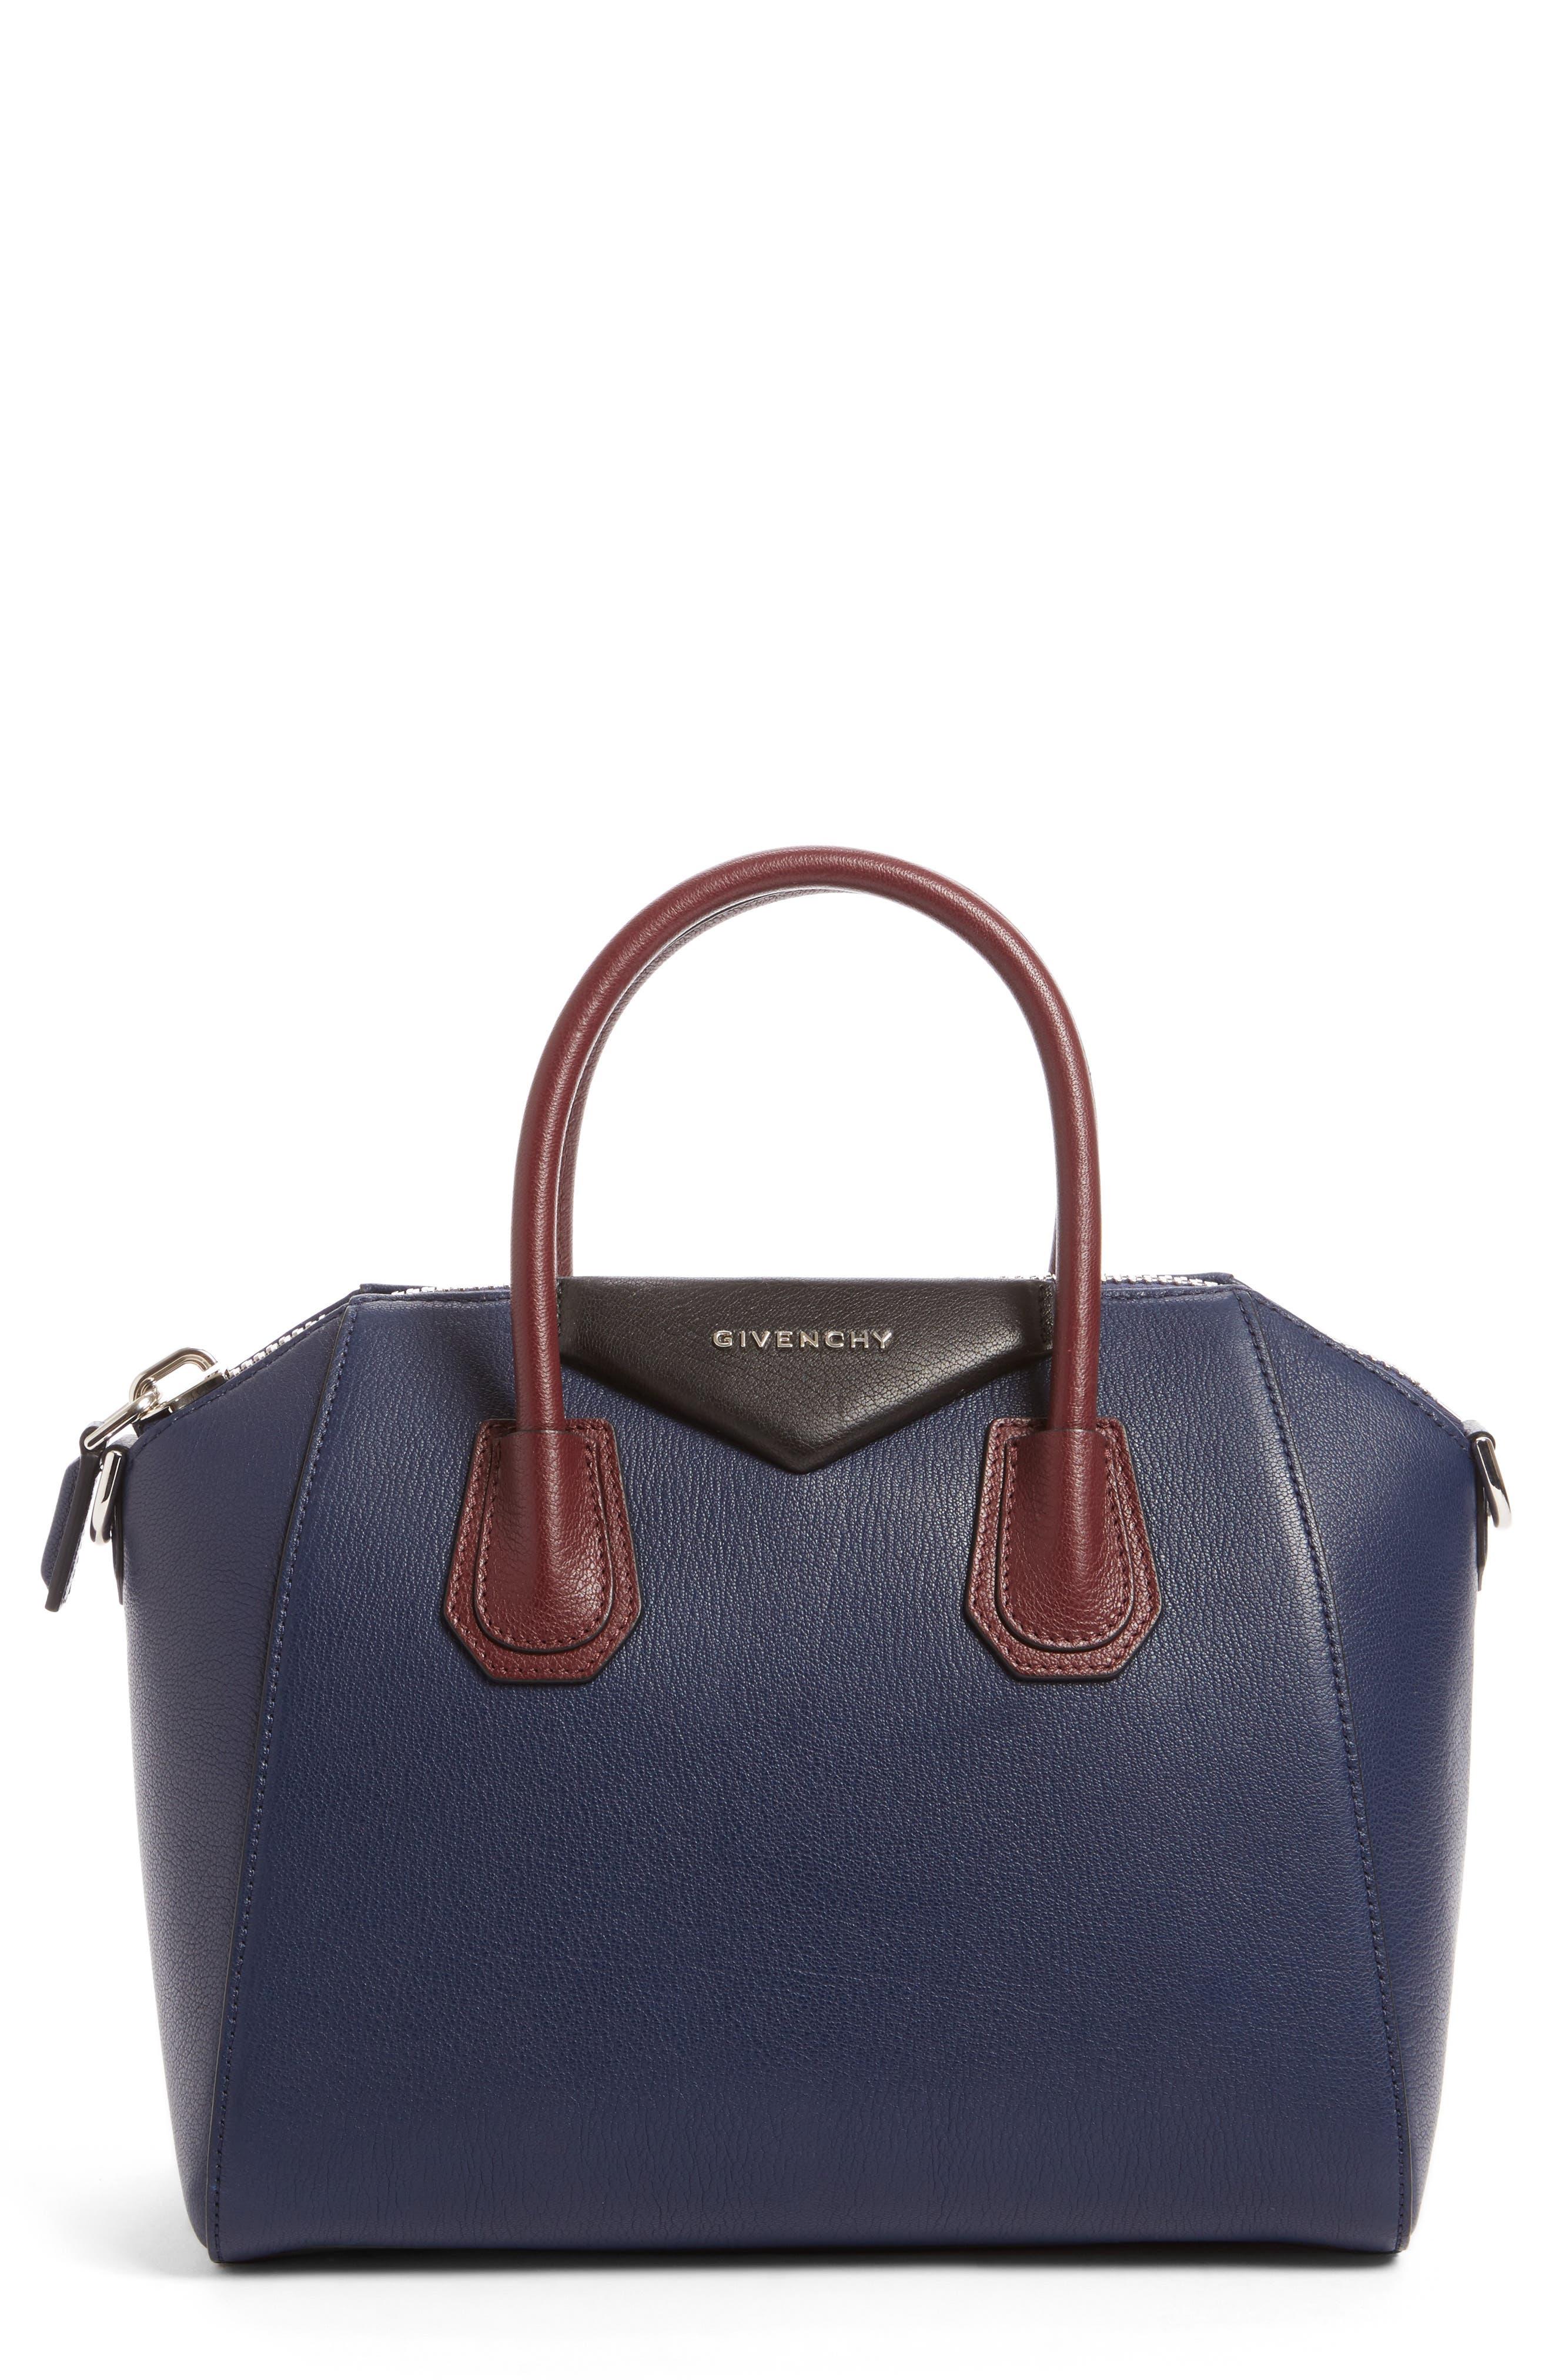 Main Image - Givenchy Small Antigona Leather Satchel